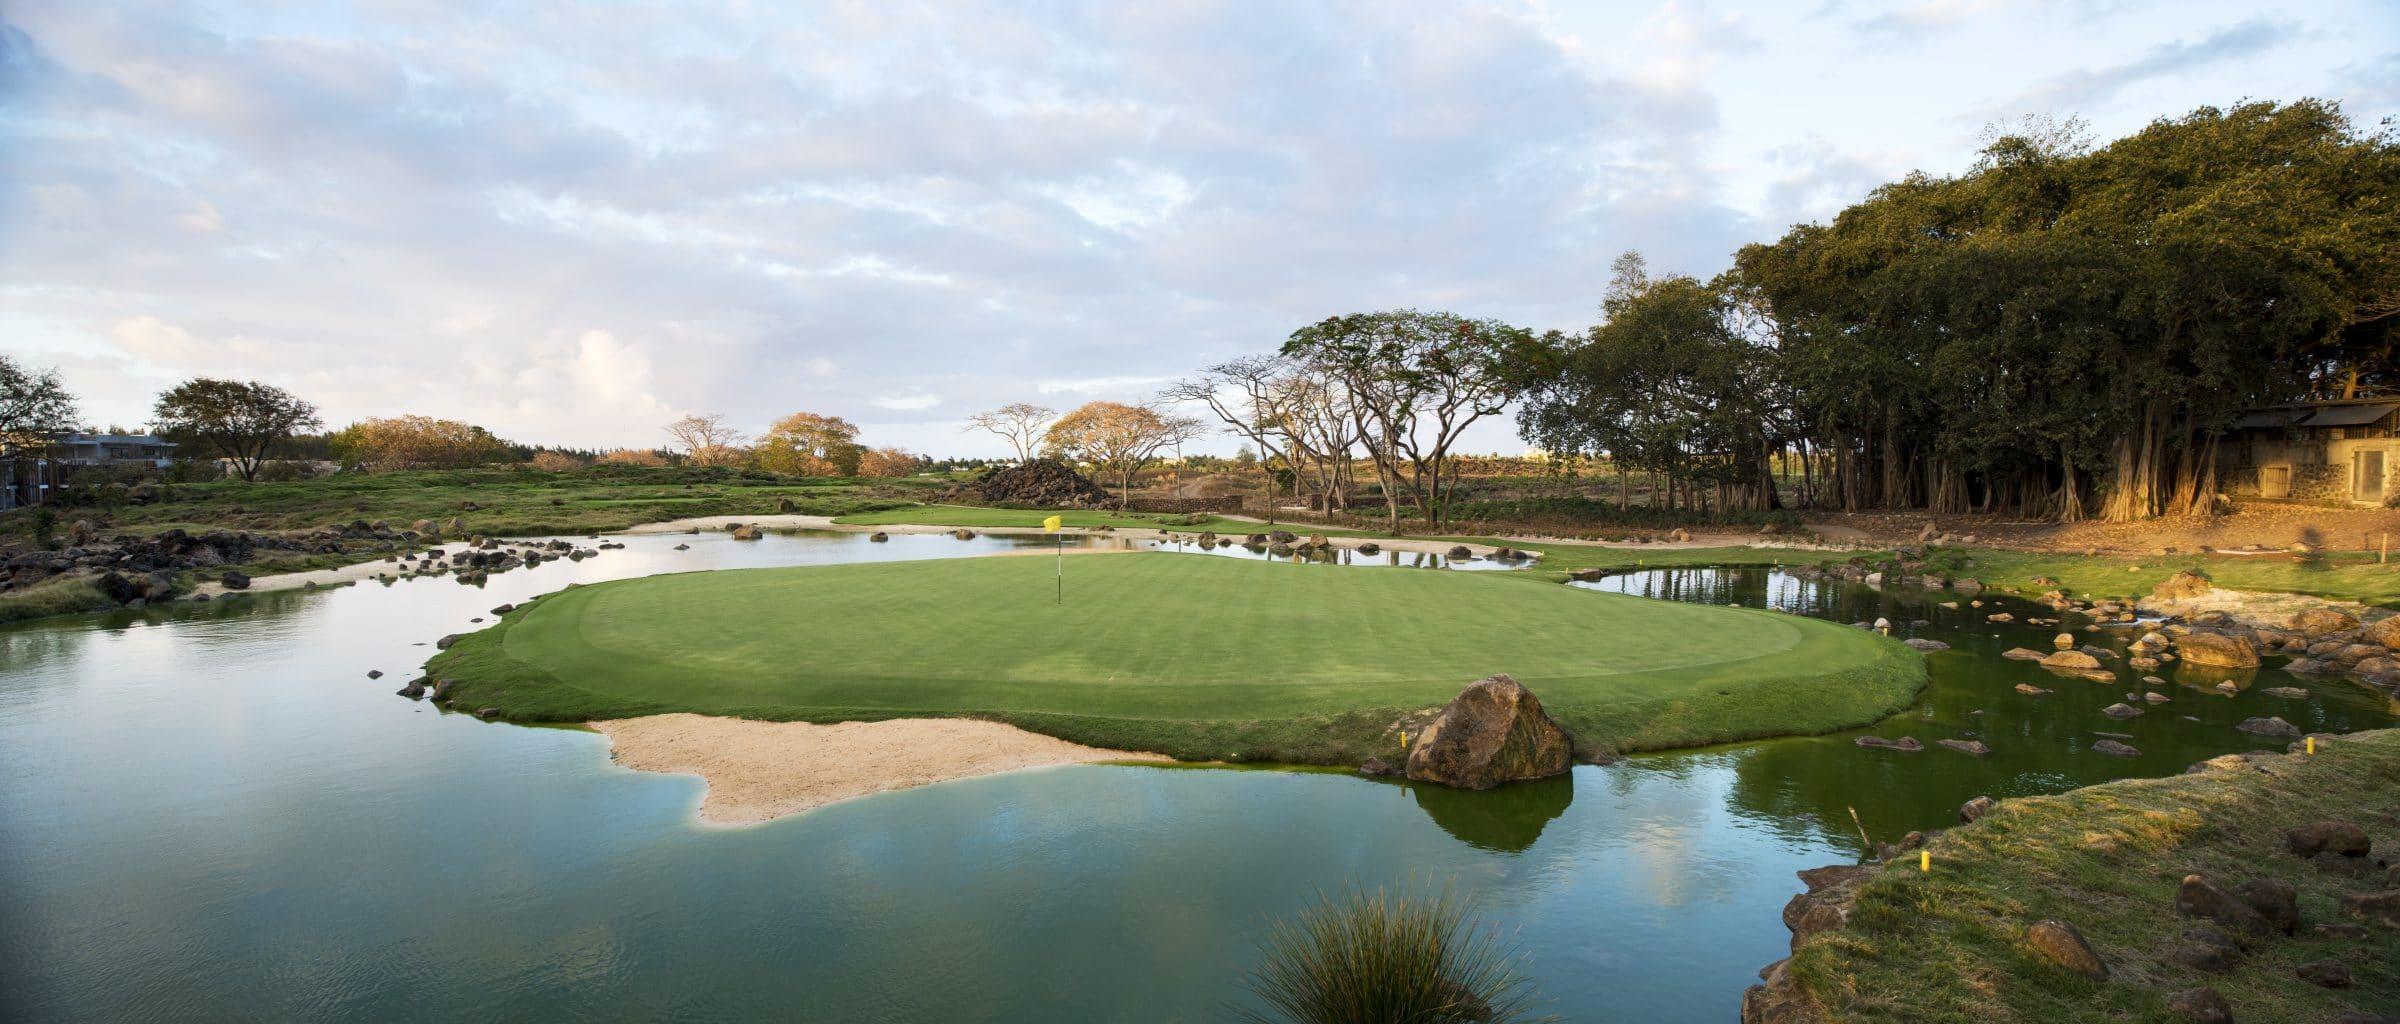 mont-choisy le golf-15th-c